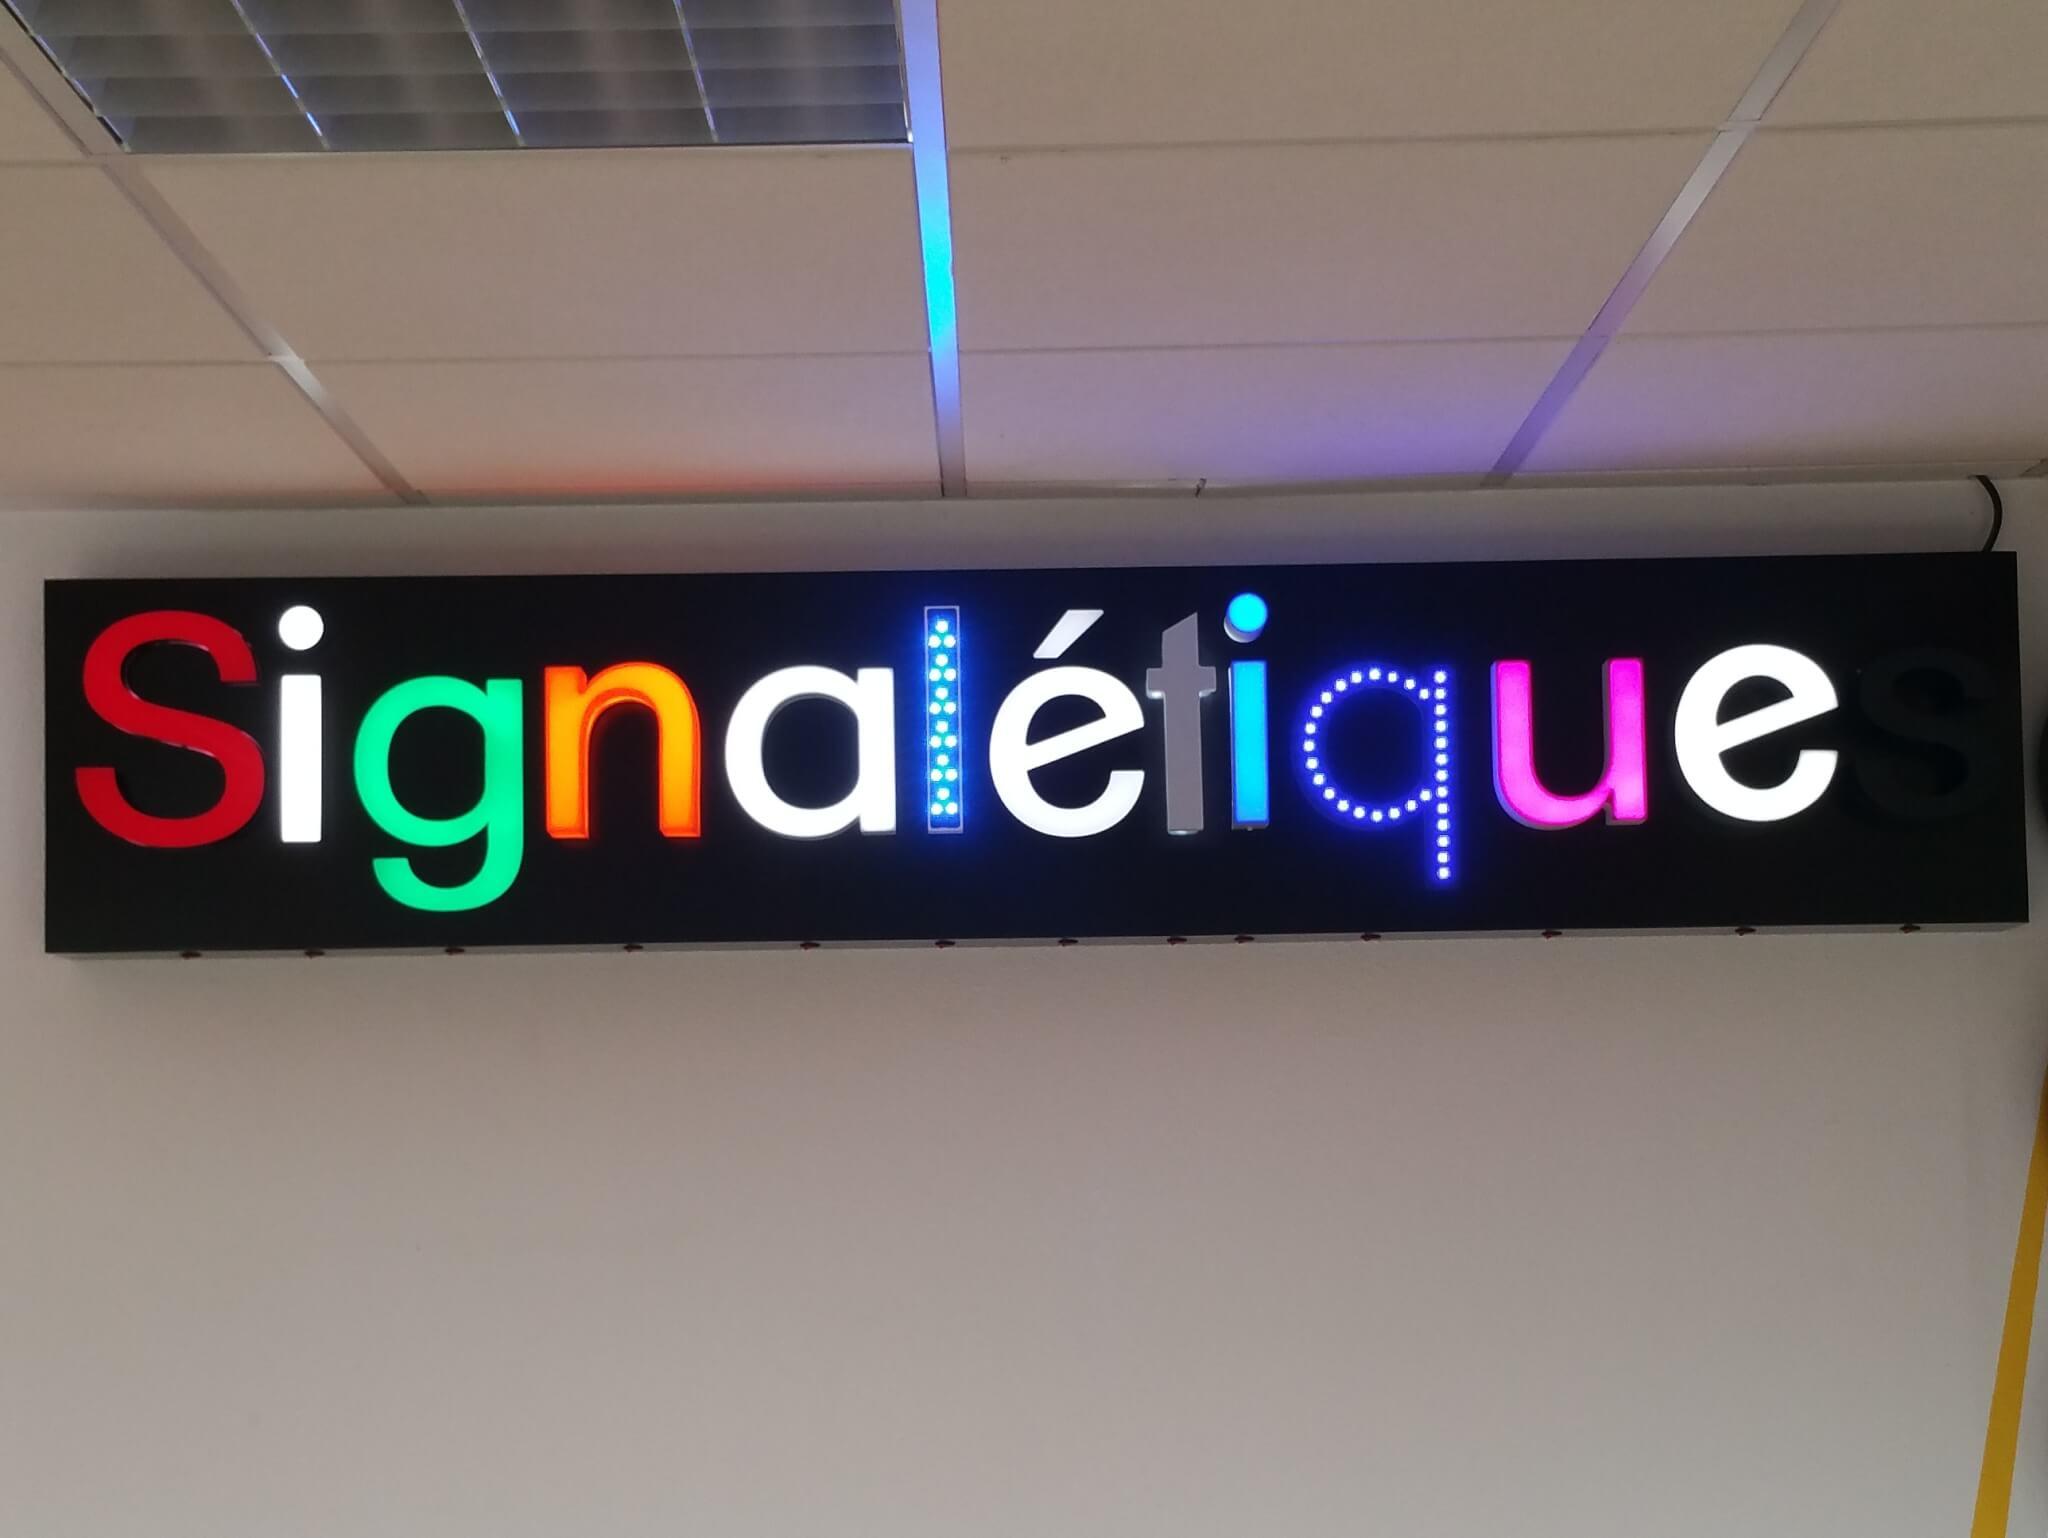 Enseigne avec lettres reliefs reto-éclairées, bloc led PMMA, lettres led point à point dans le showroom de S.E.S à Grigny (69520)